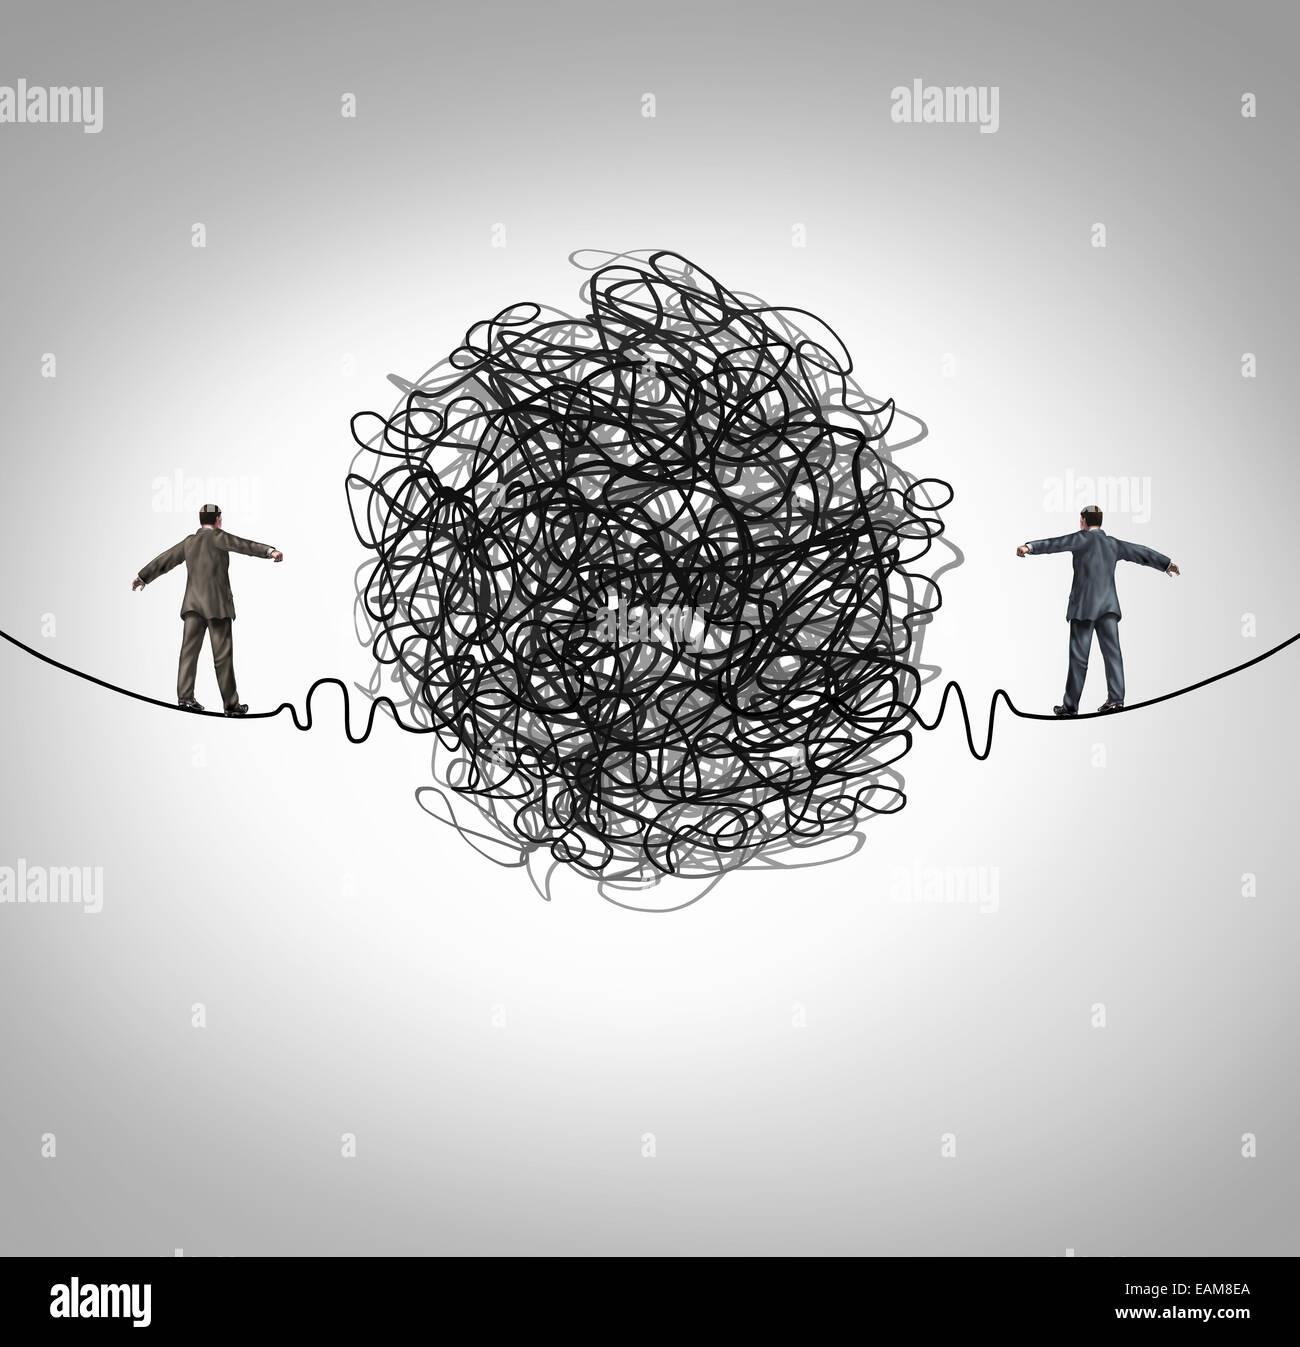 Partnerschaft-Problem und Konfrontation Geschäftskonzept als zwei Geschäftsleute zu Fuß auf einem Stockbild